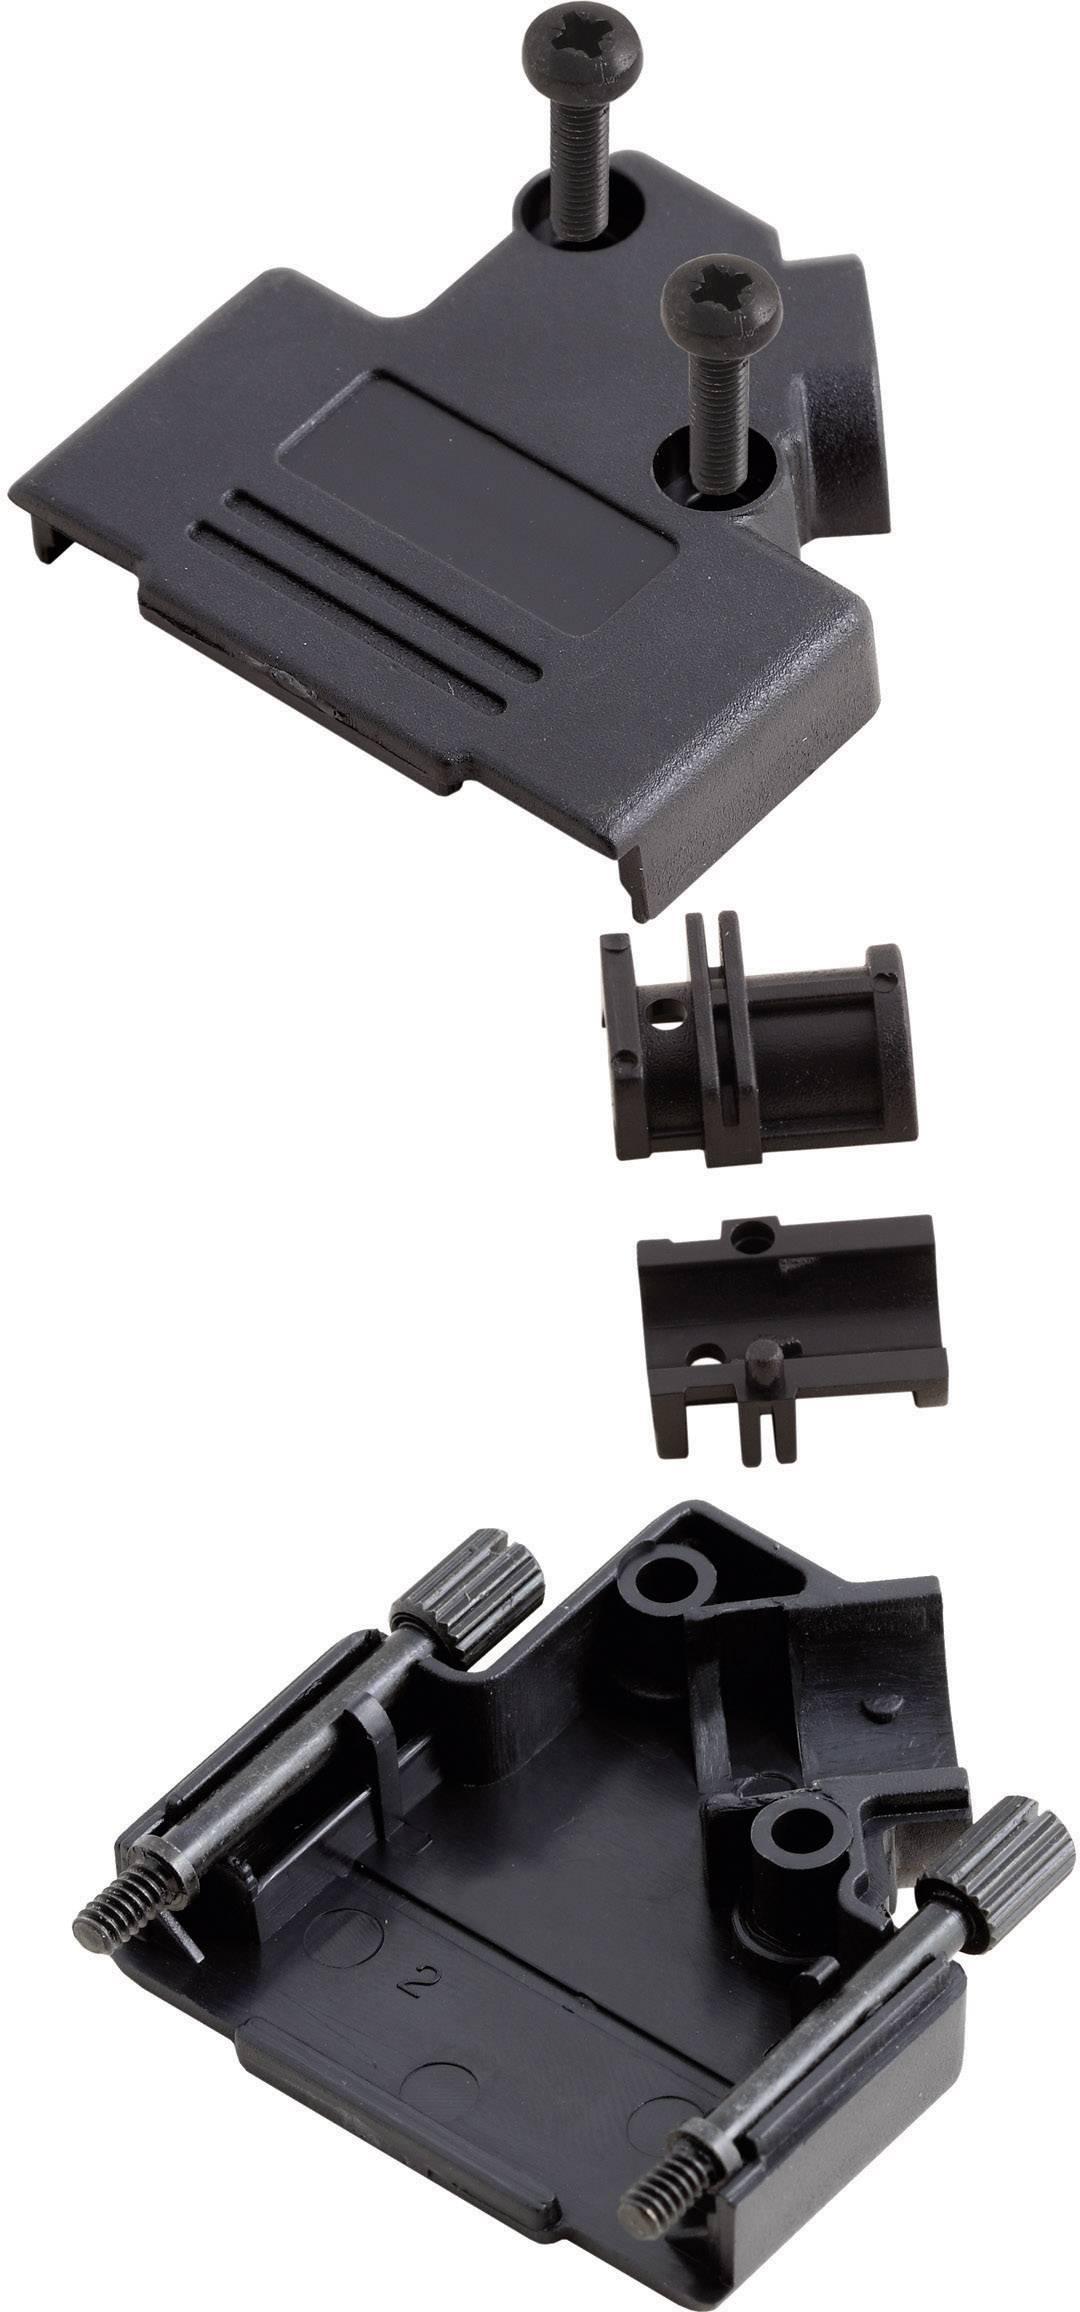 D-SUB pouzdro MH Connectors MHD45PPK-15-BK-K 6560-0107-12, Pólů: 15, plast, 45 °, černá, 1 ks